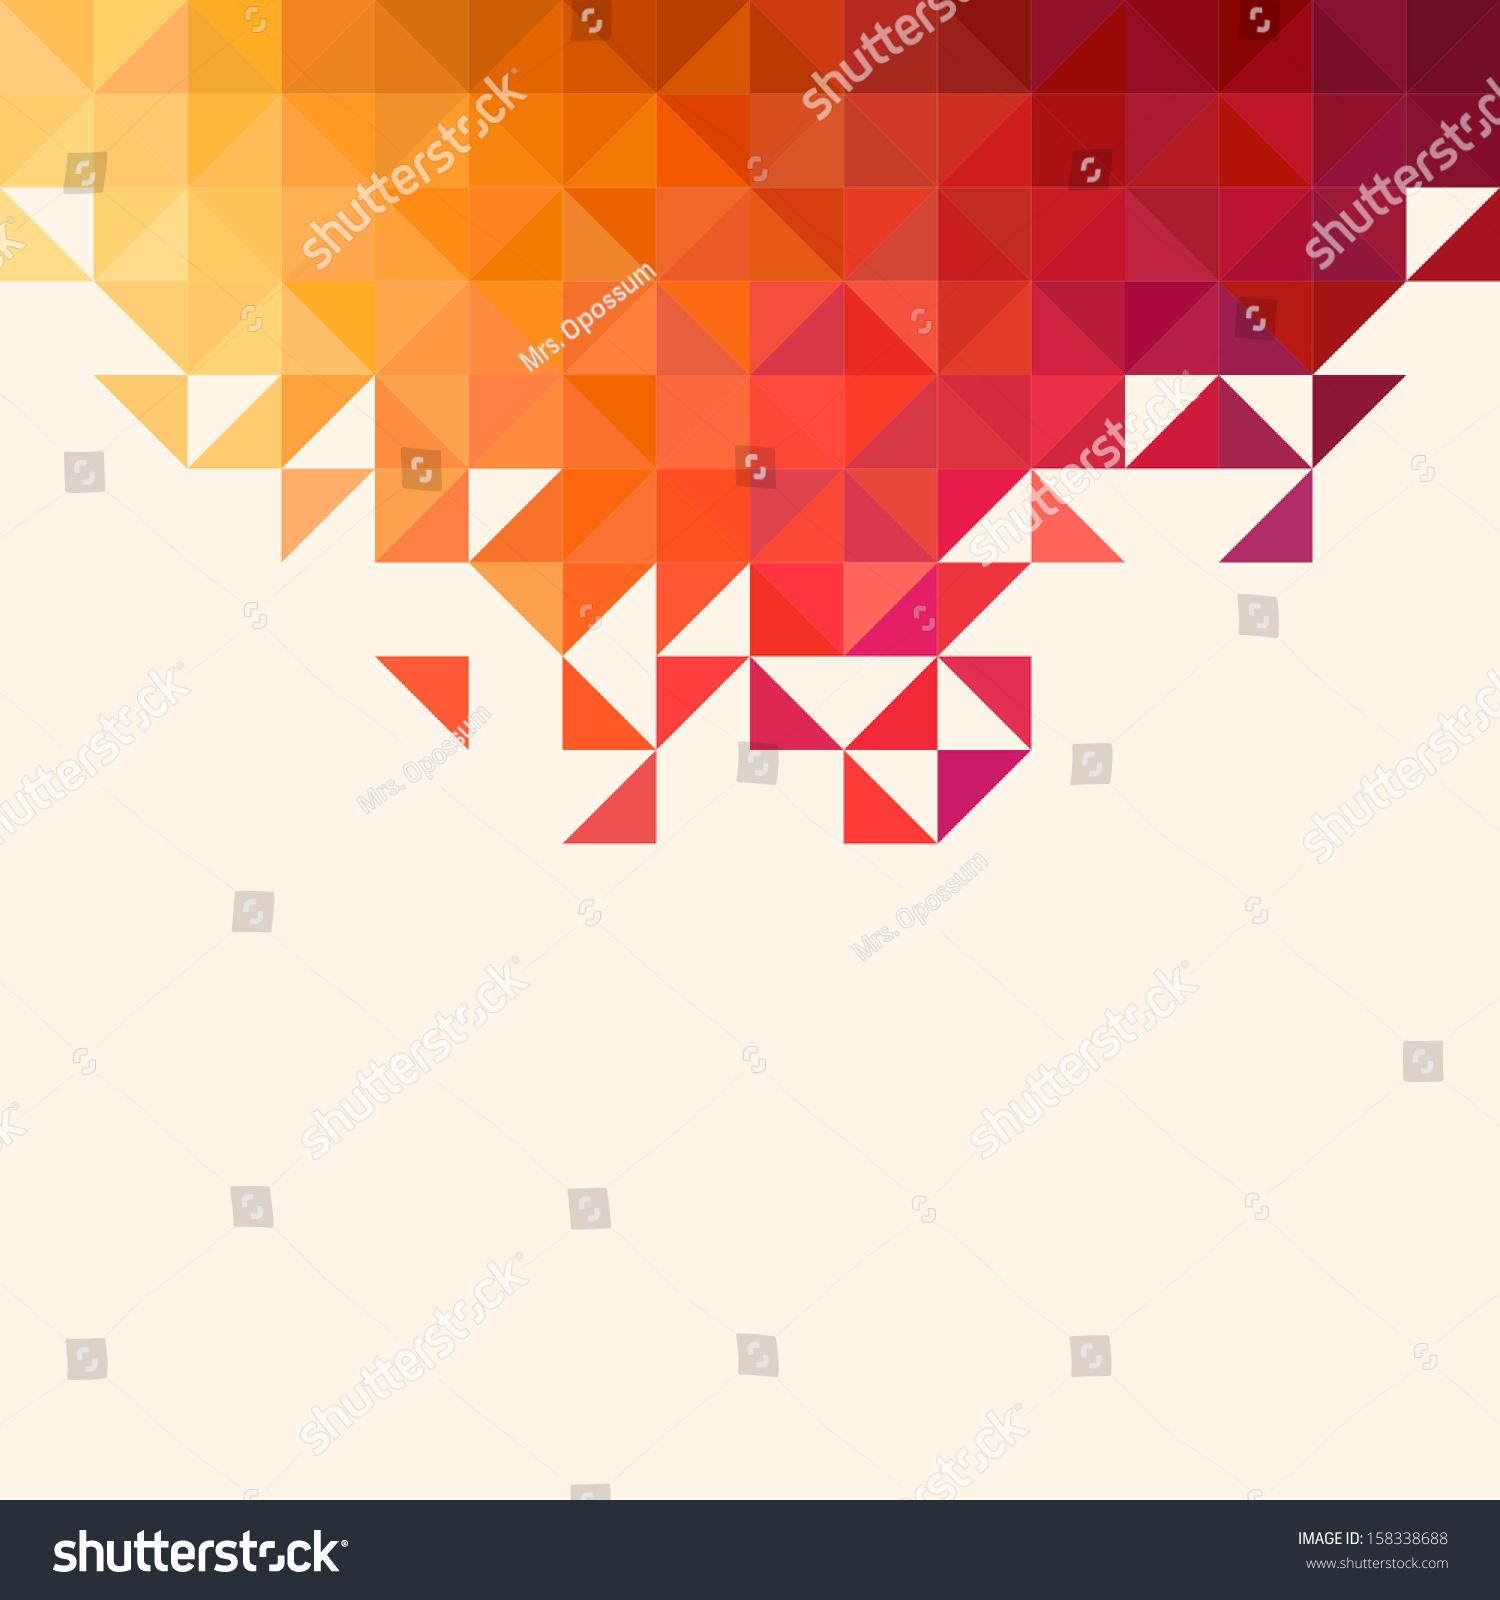 几何图形背景.彩色镶嵌图案.三角背景-背景/素材,抽象